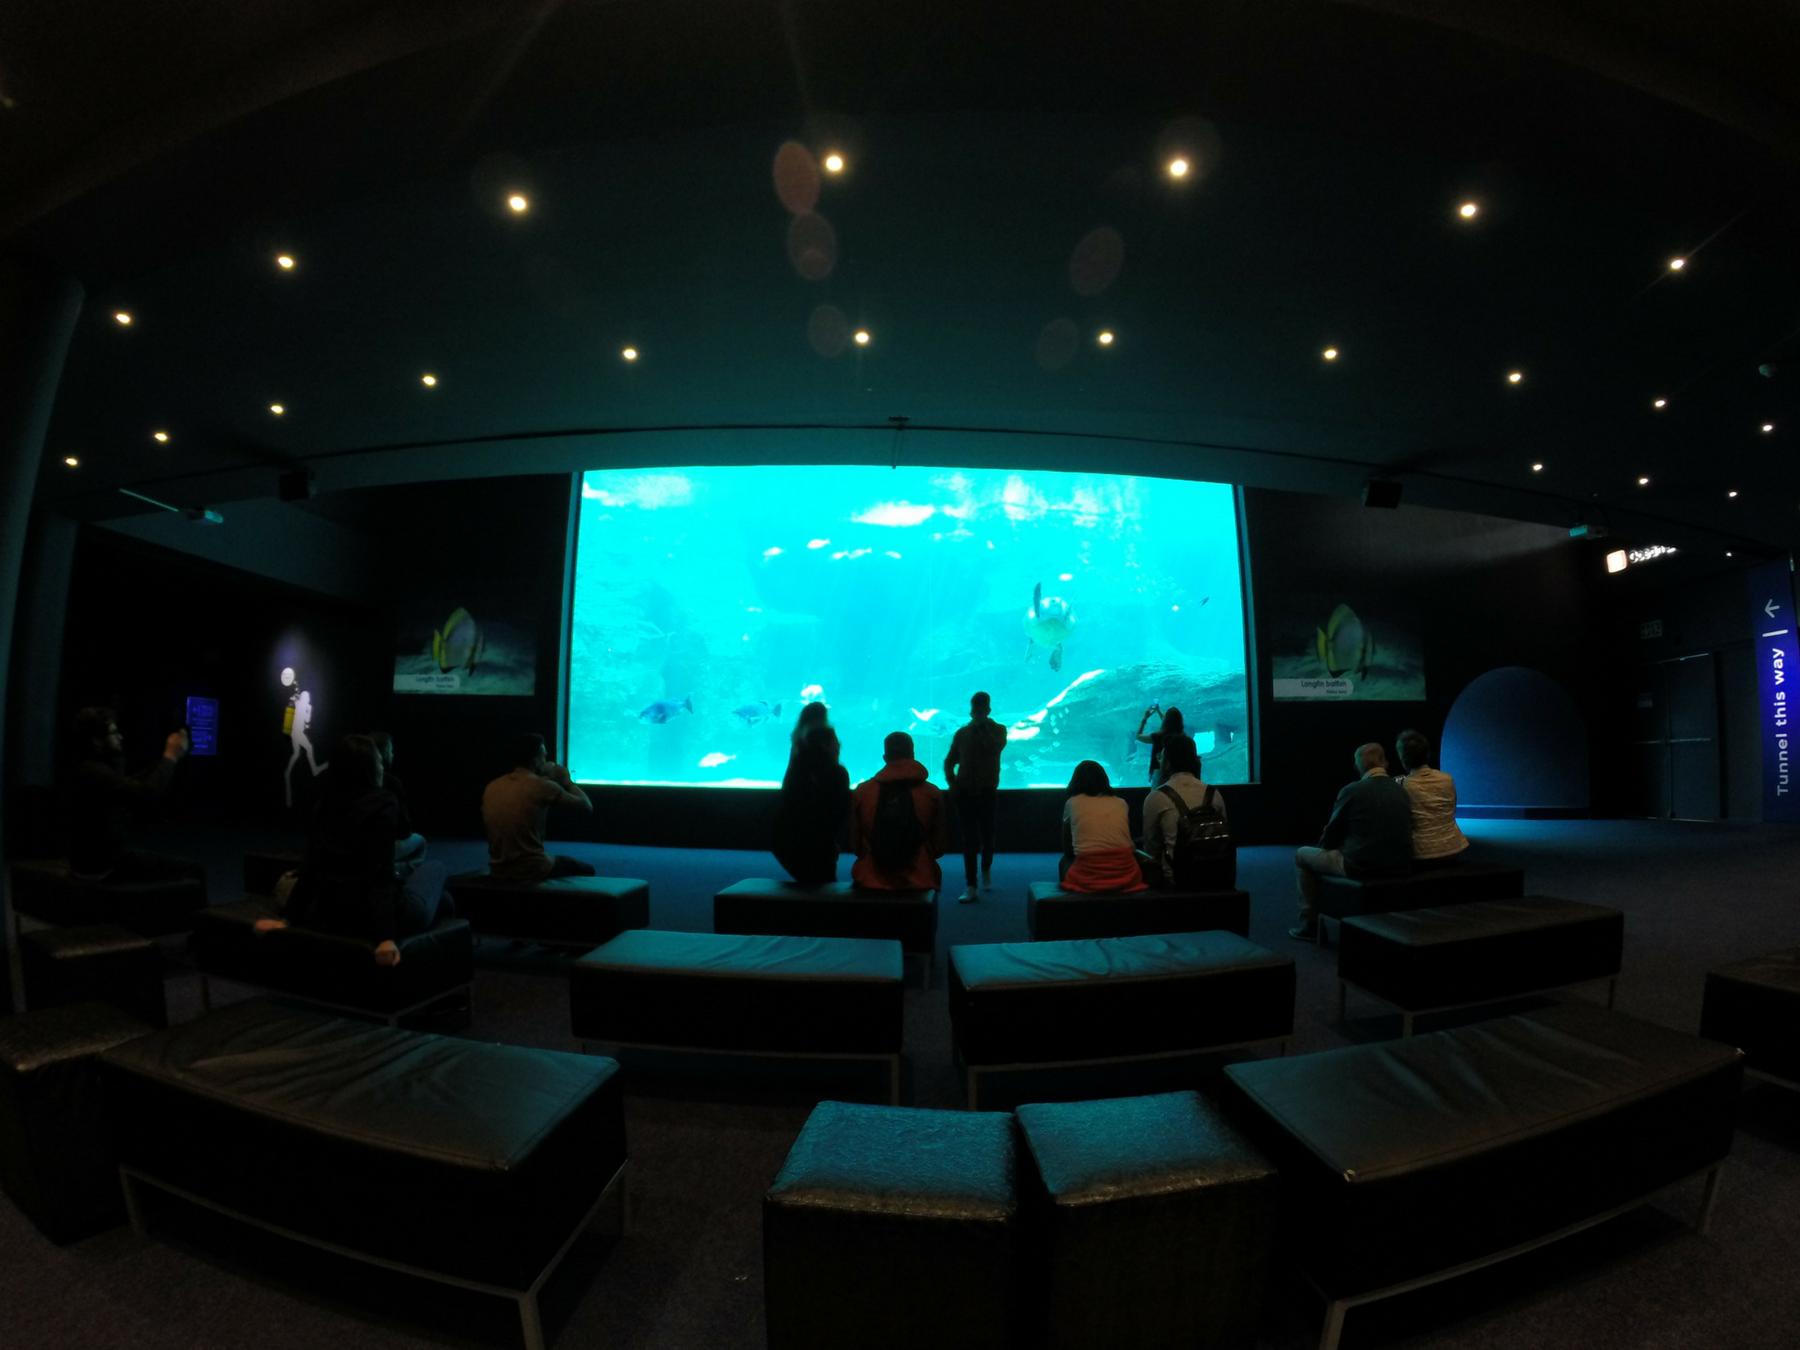 Roteiro-Cidade-do-Cabo-4-a-7-dias-aquario-two-oceans Roteiro Cidade do Cabo 4 a 7 dias (Sensacional)!